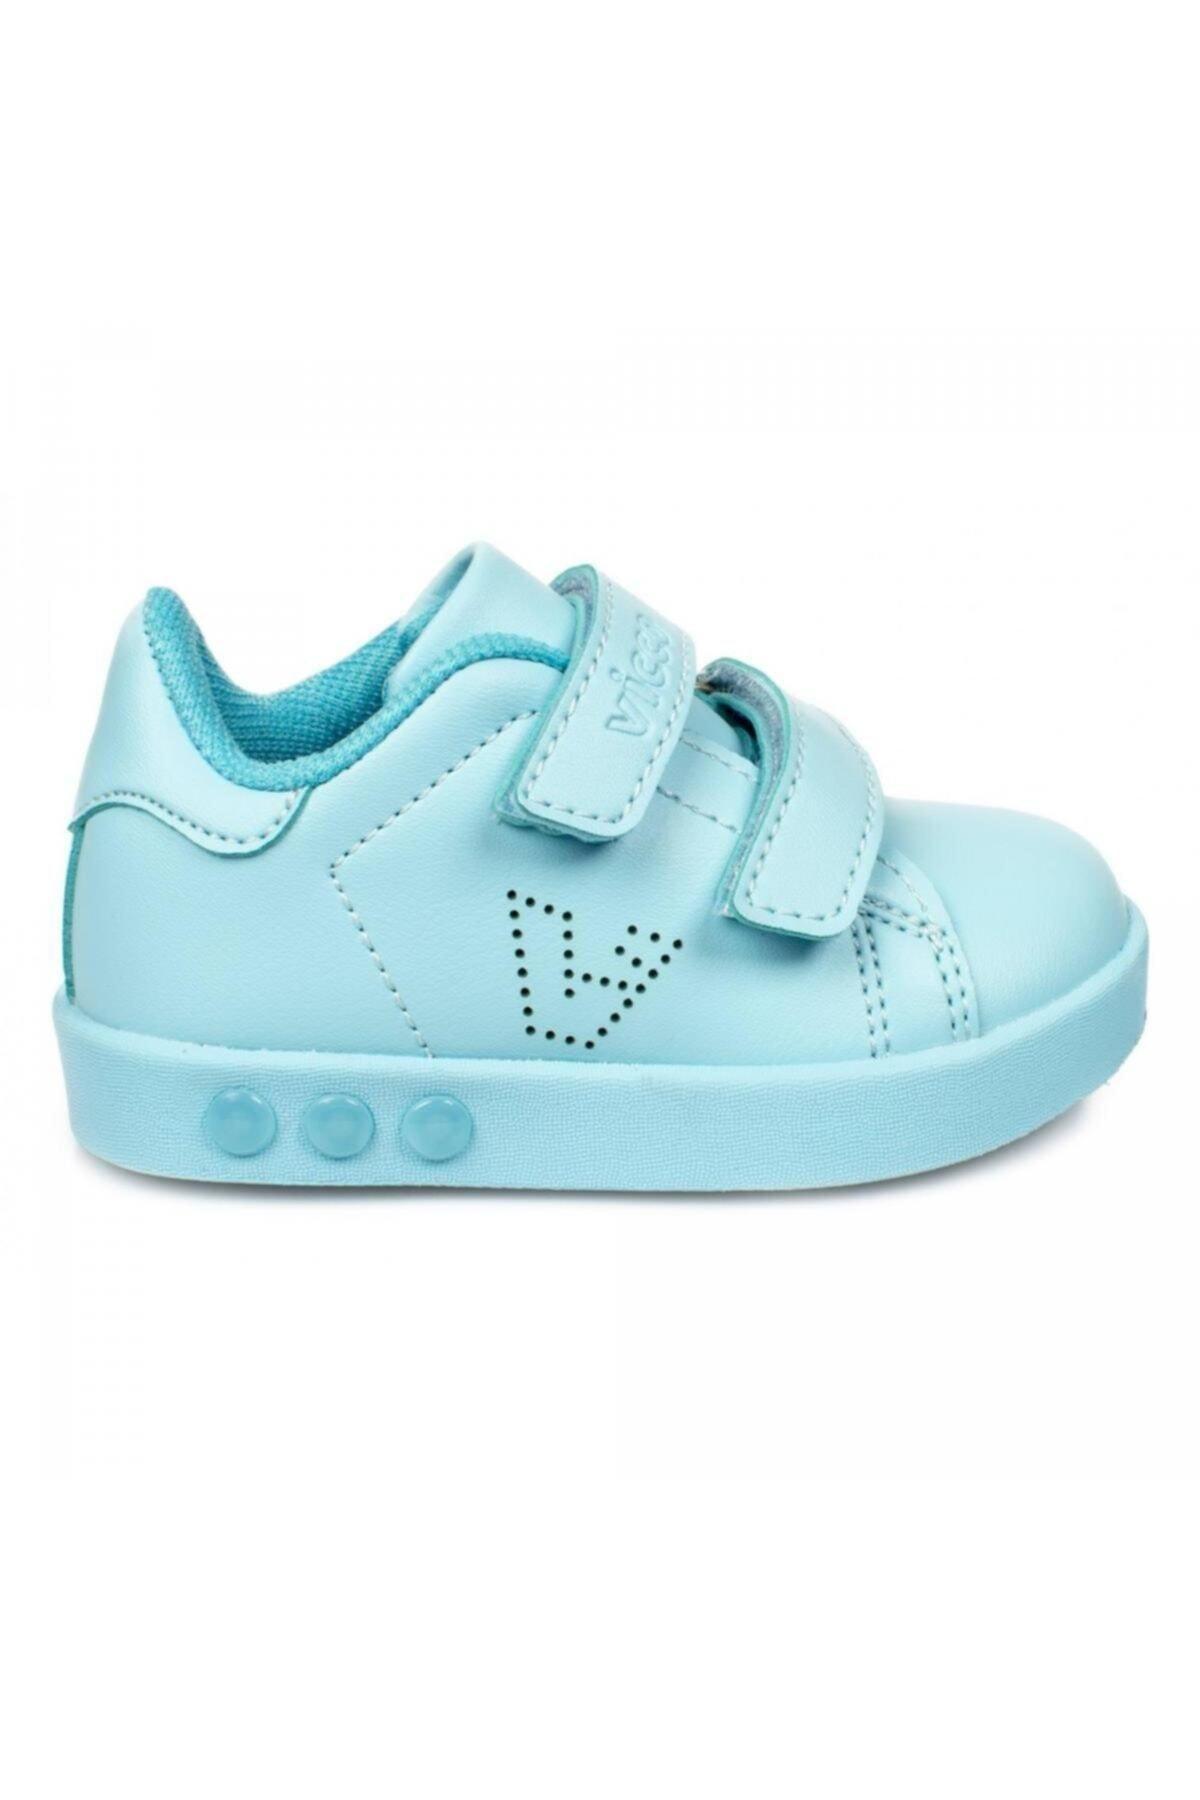 Vicco Bebe Işıklı Spor Ayakkabı Çocuk Mavi 2